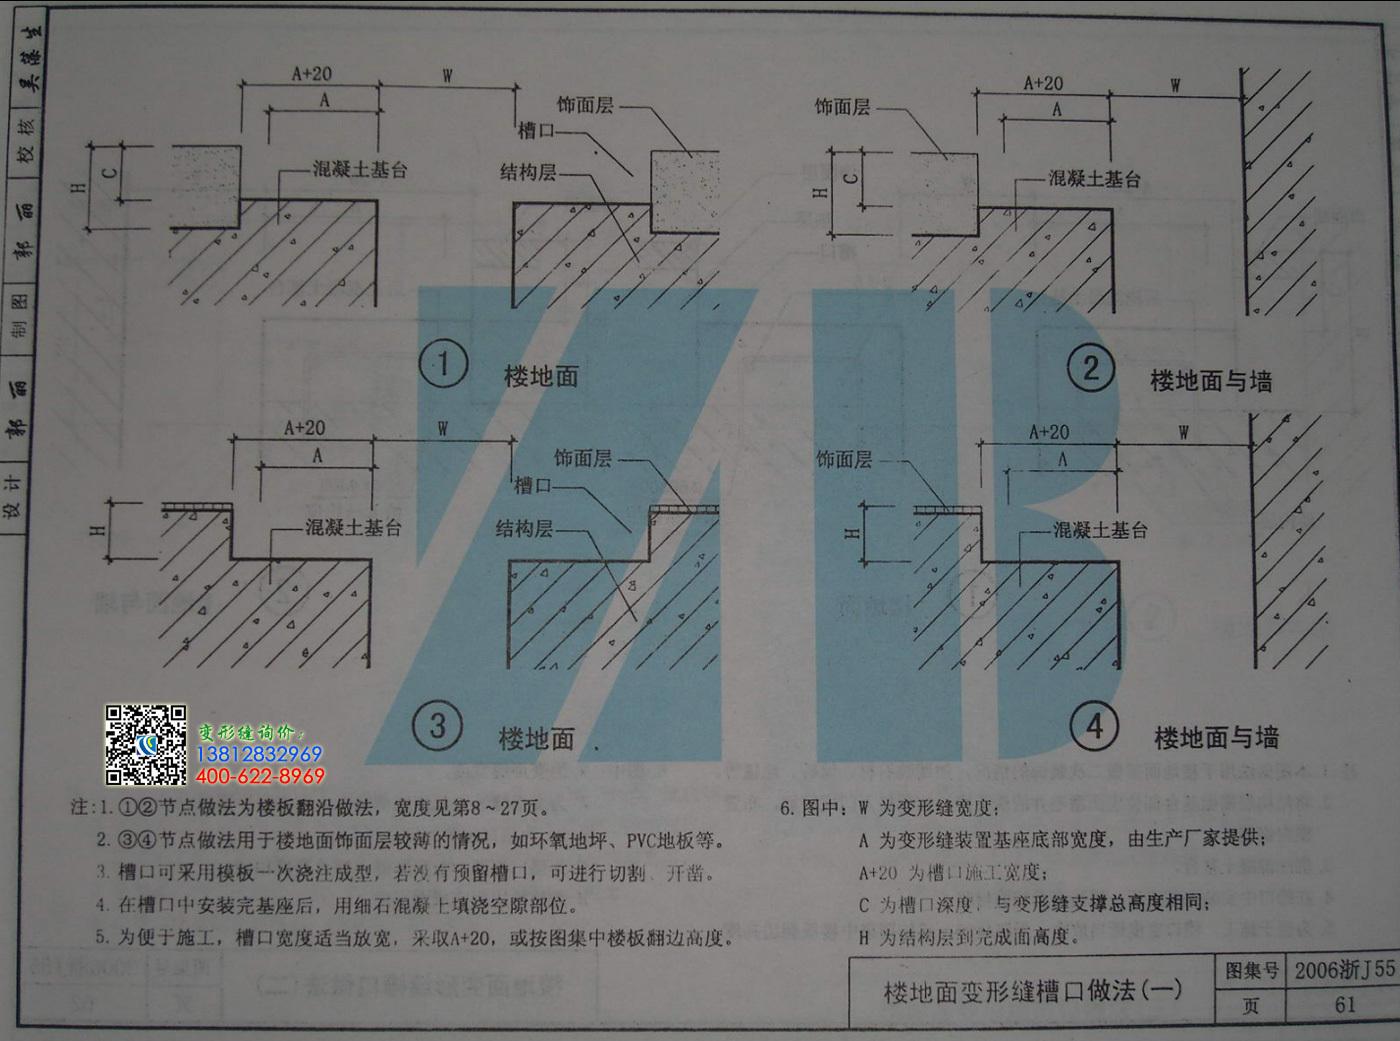 2006浙j60变形缝图集第61页